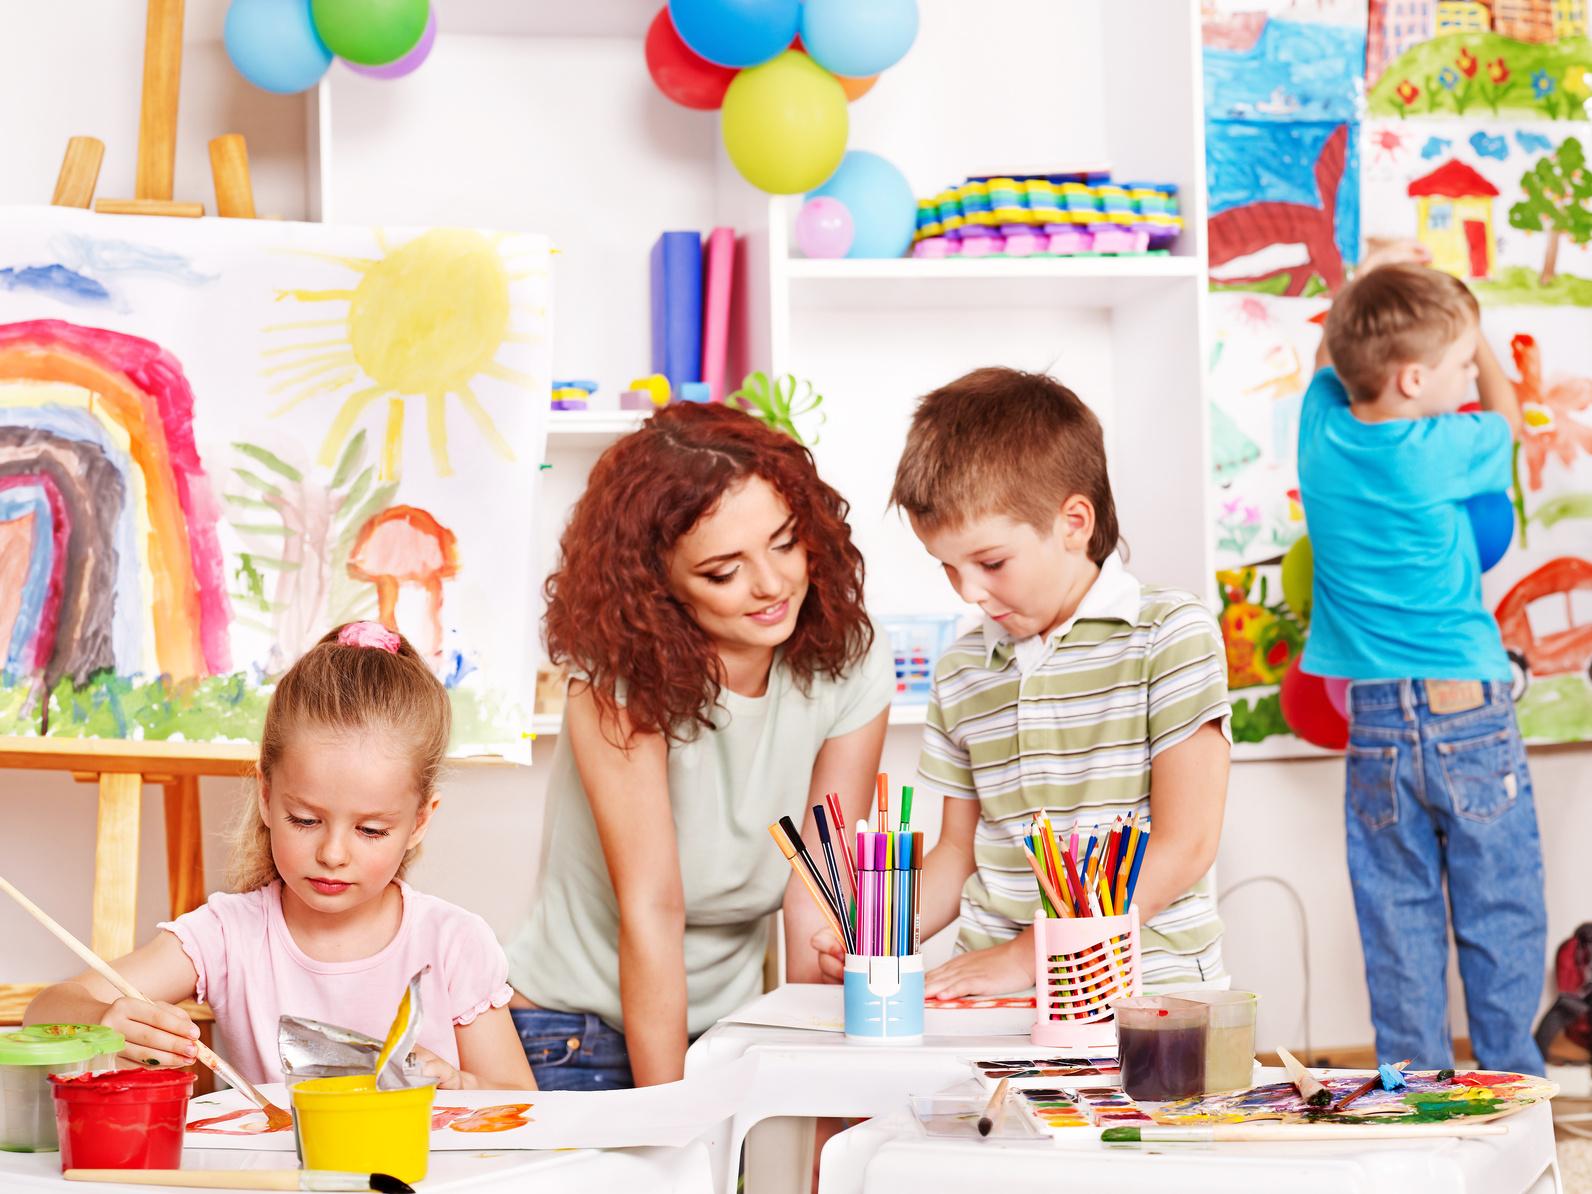 Preferenza Scuole per Bambini a Milano | Bambini a Milano ZY26